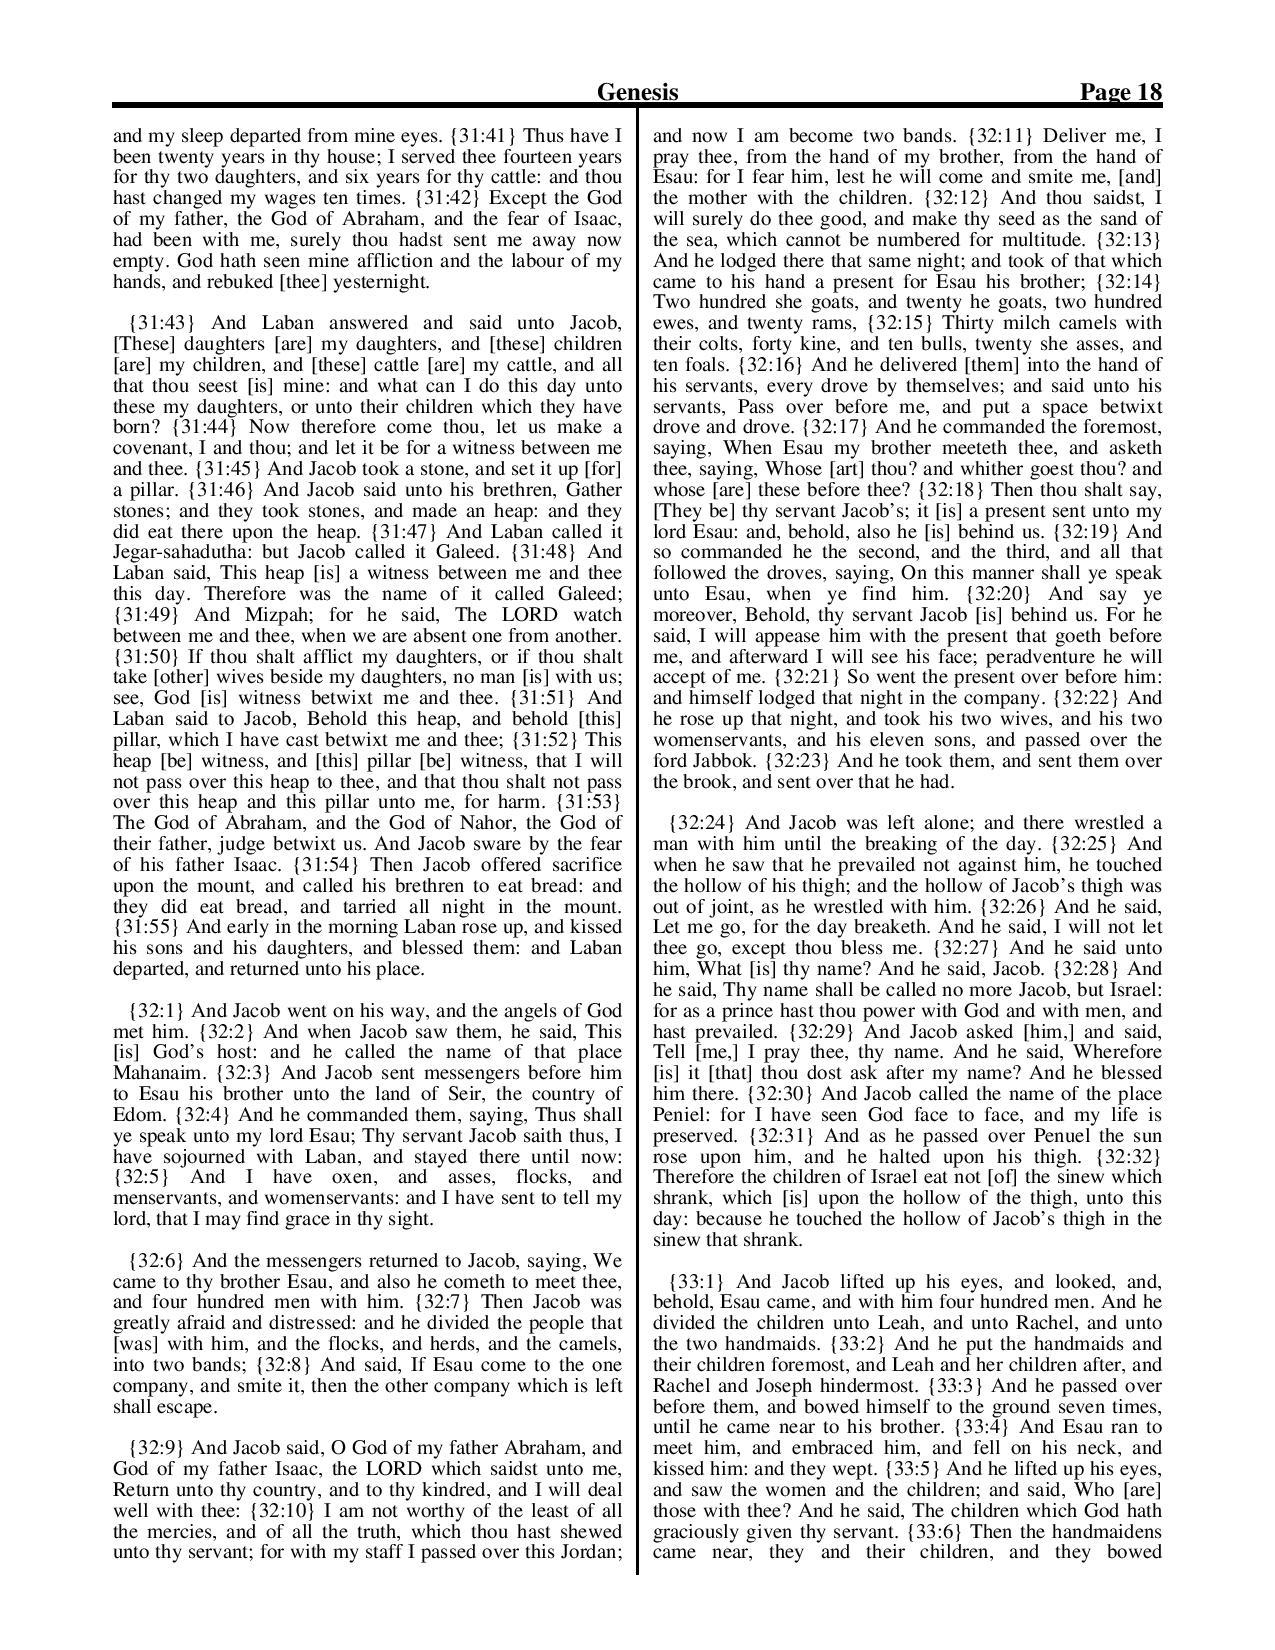 King-James-Bible-KJV-Bible-PDF-page-039